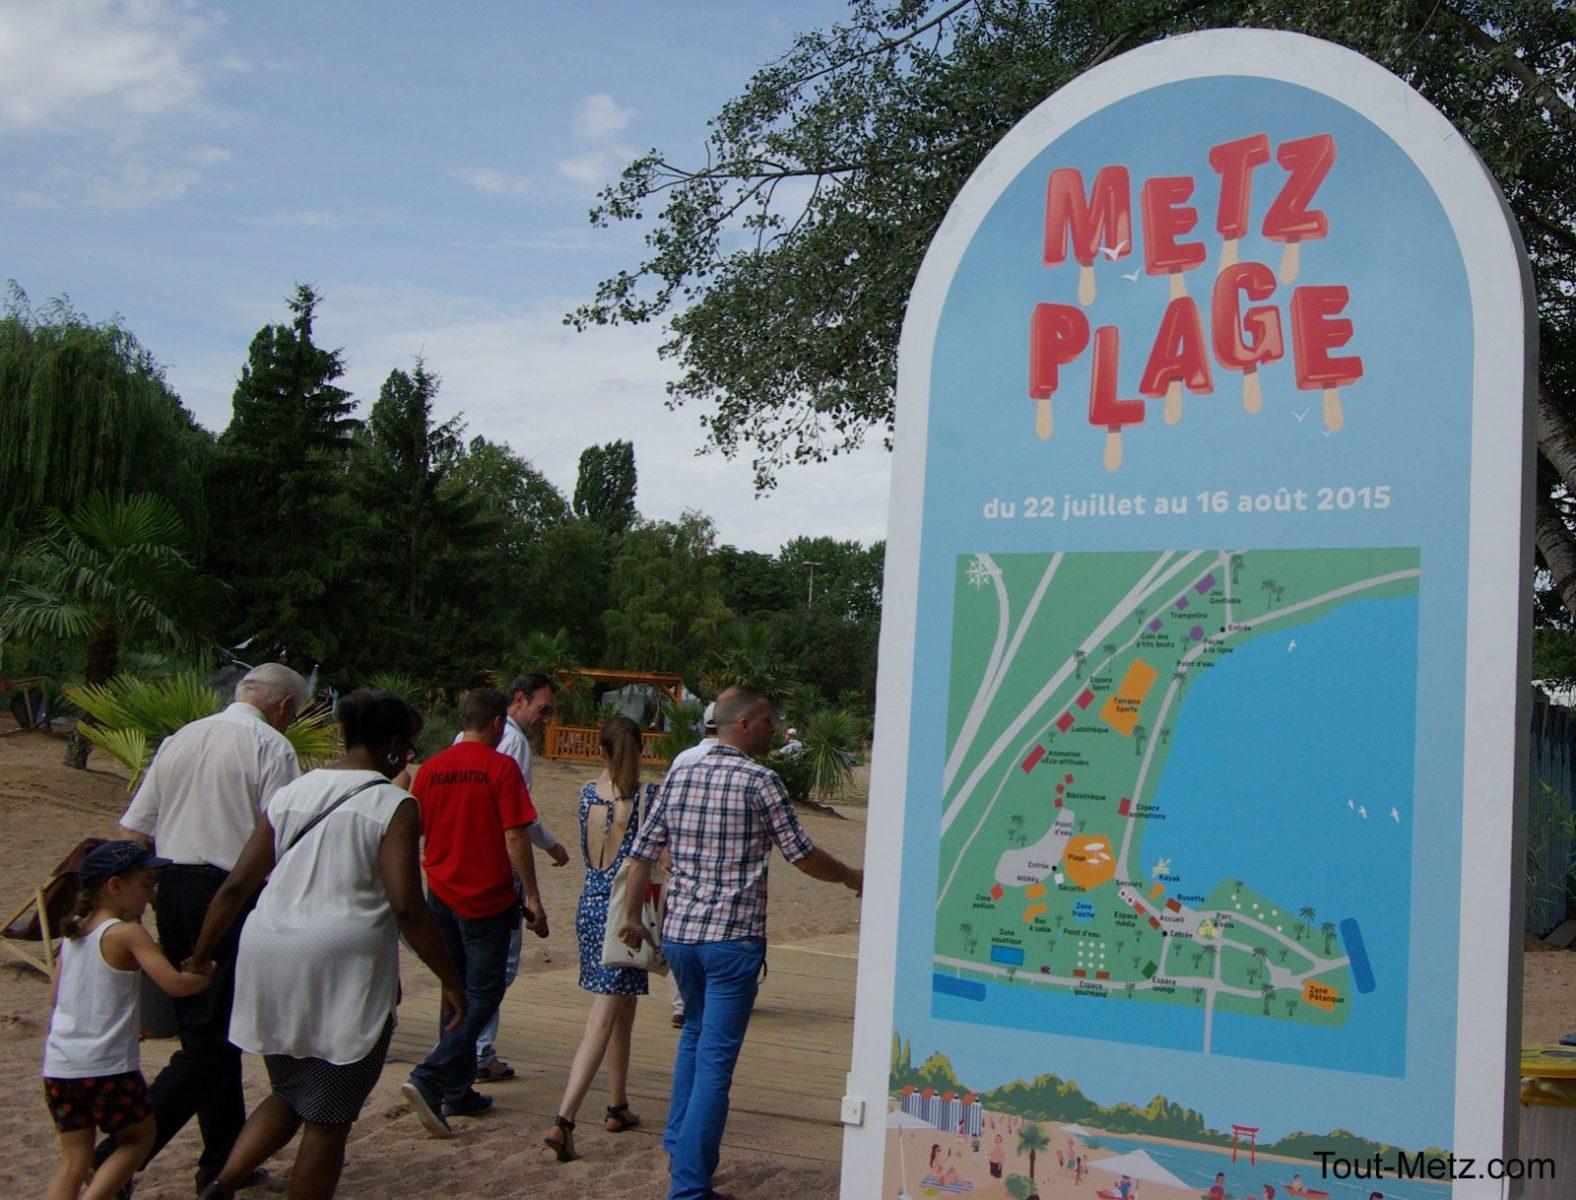 Le site de Metz plage fermé en raison du mauvais temps